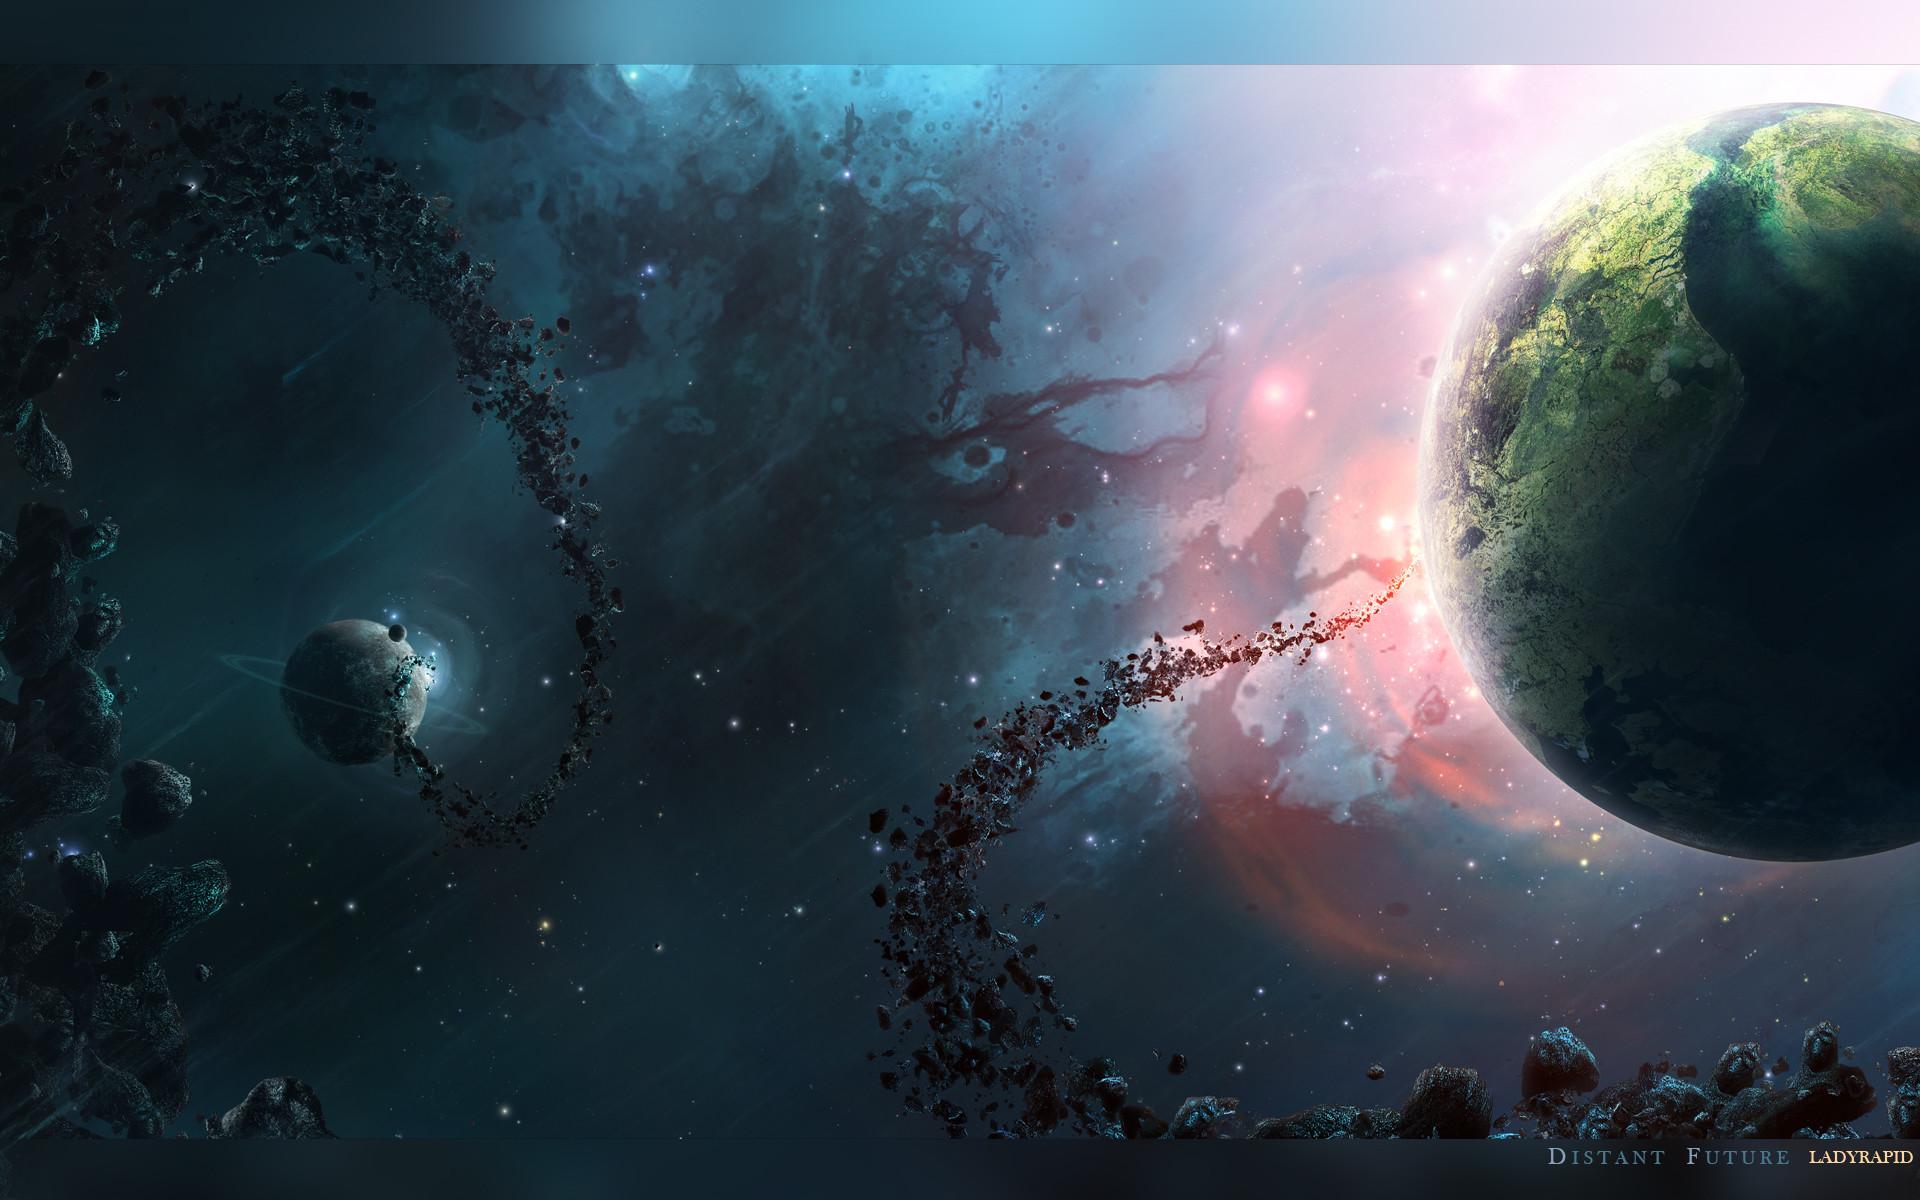 Nebula Universe Wallpapers   HD Wallpapers